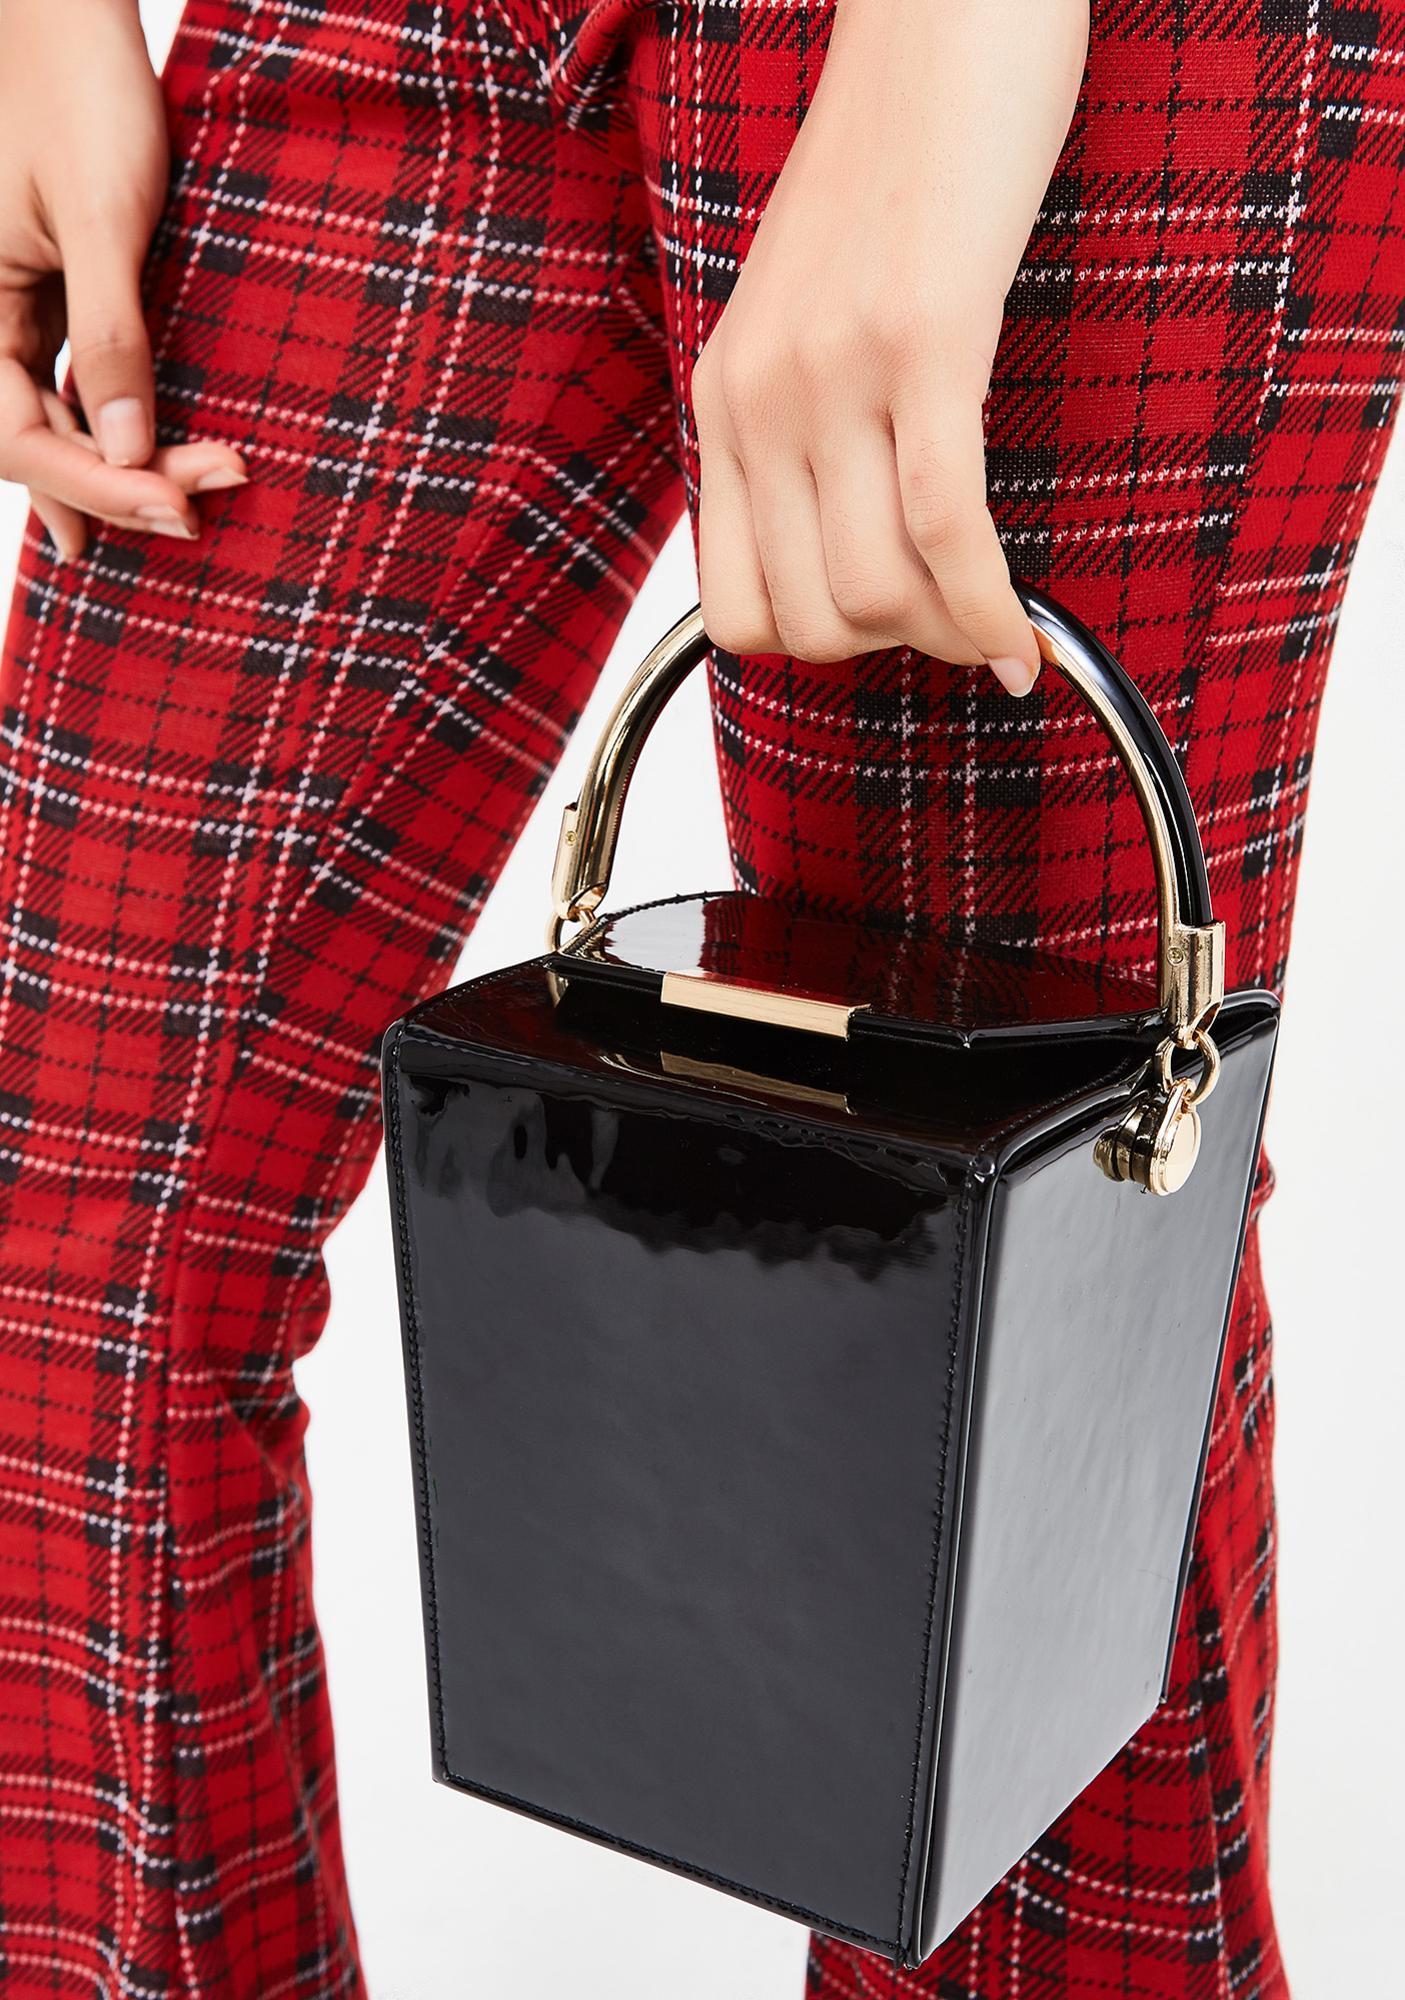 Onyx Box It Up Bag